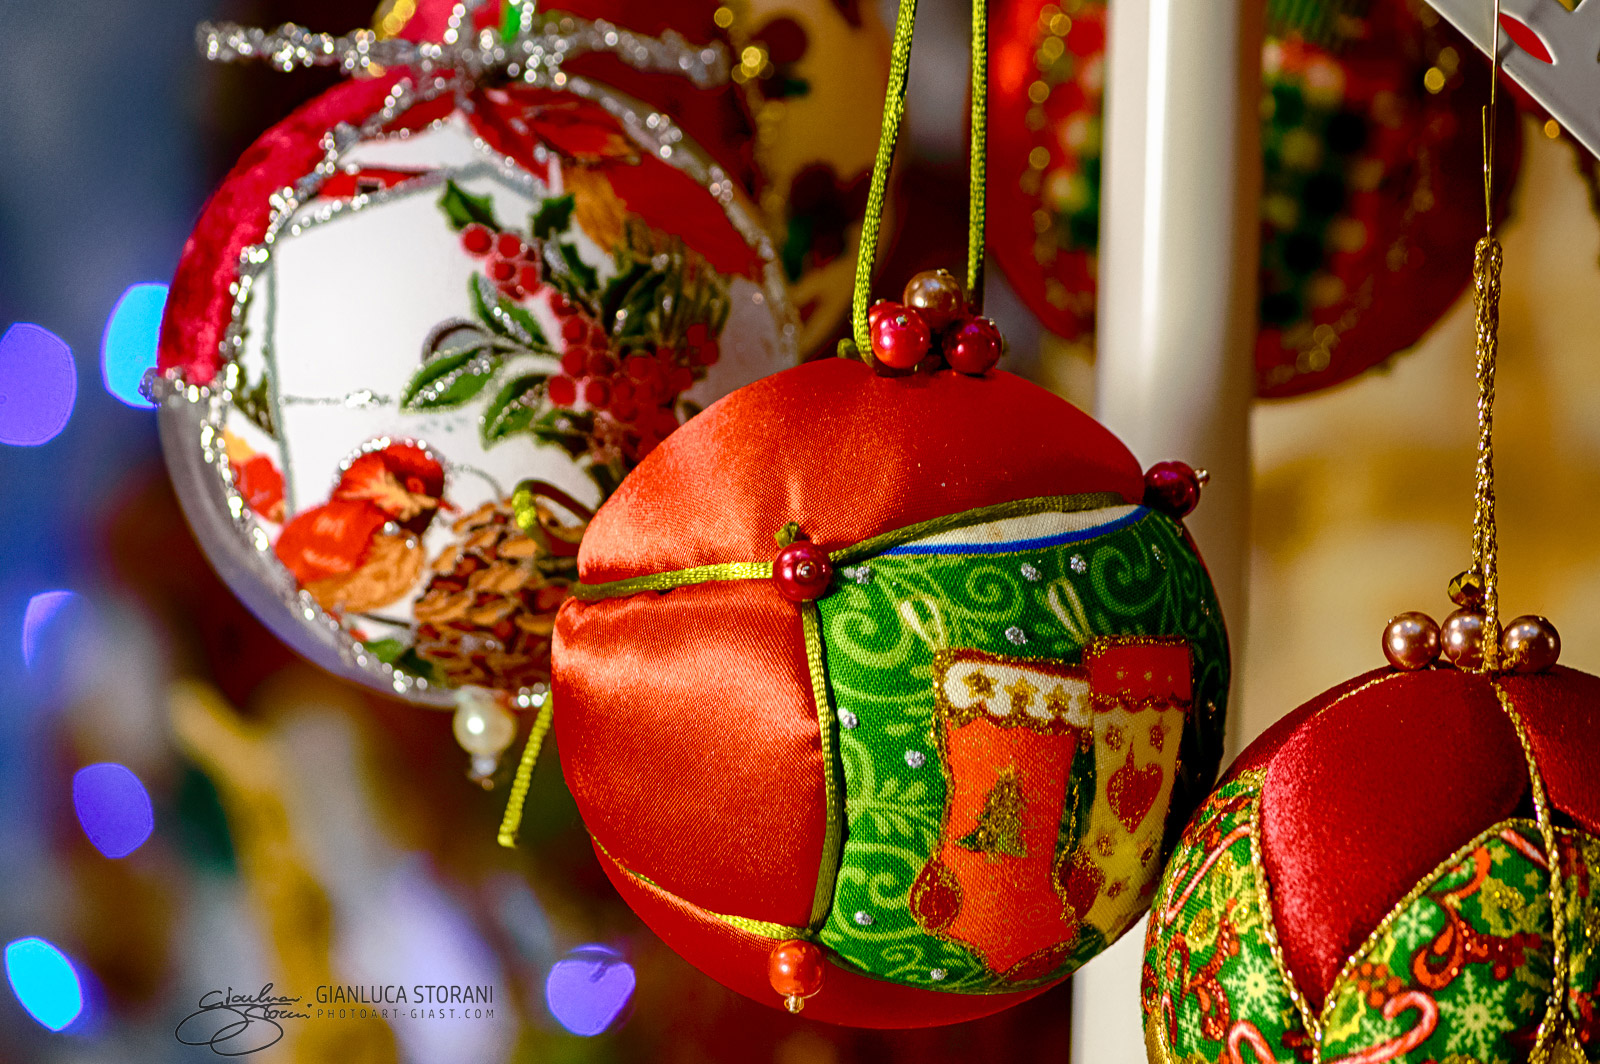 Il barattolo di Natale - Gianluca Storani Photo Art (ID: 4-6998)